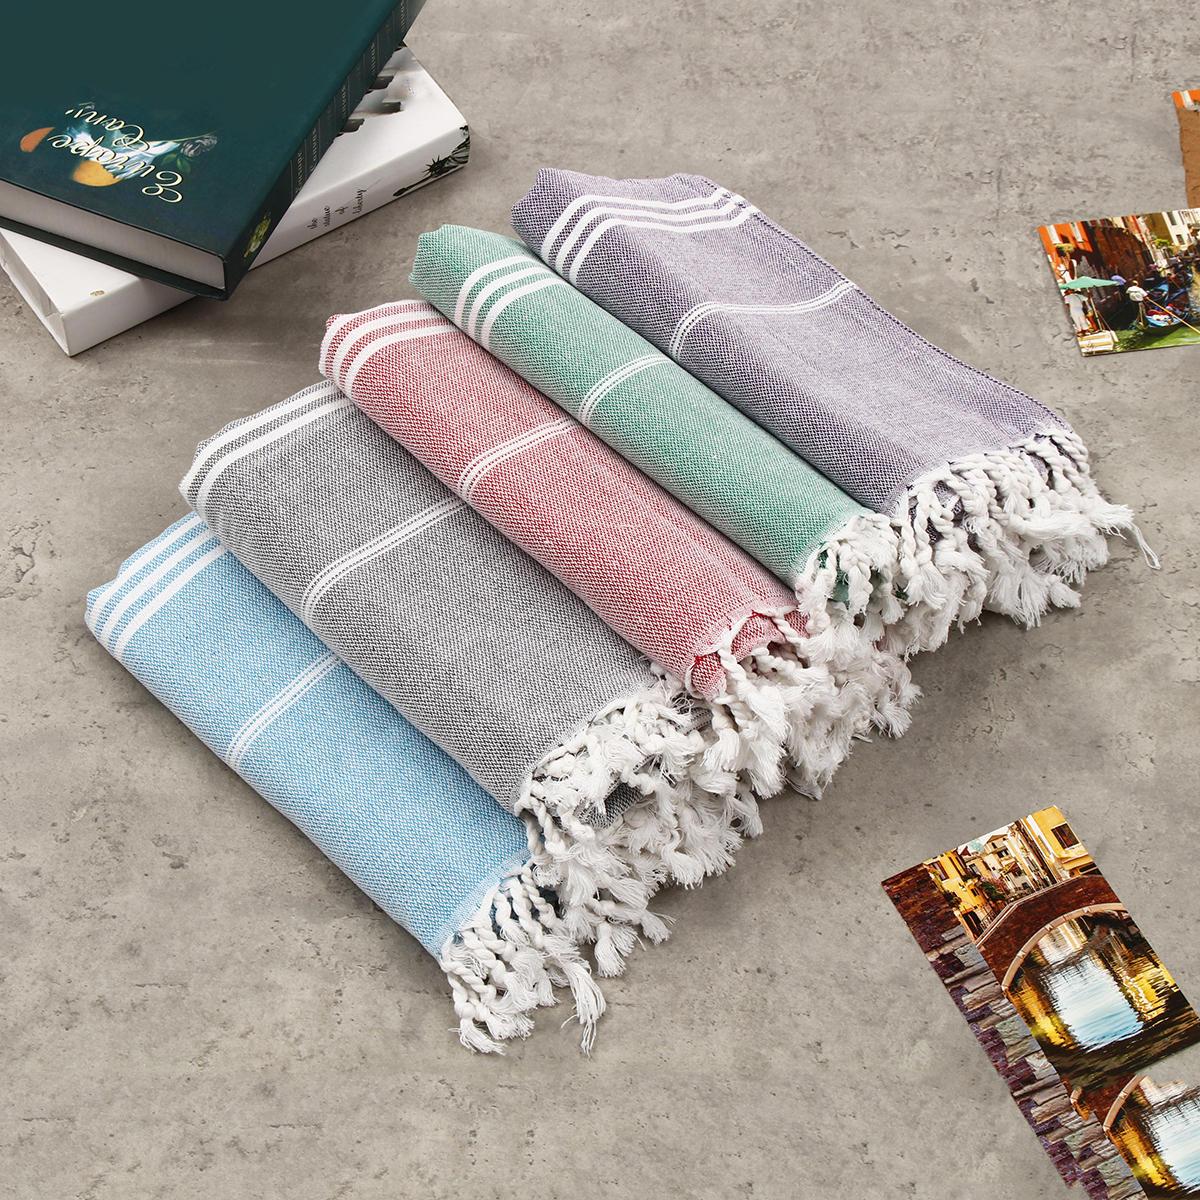 100x180cmAsciugamanodabagnoincotone a strisce con asciugamano e asciugamano